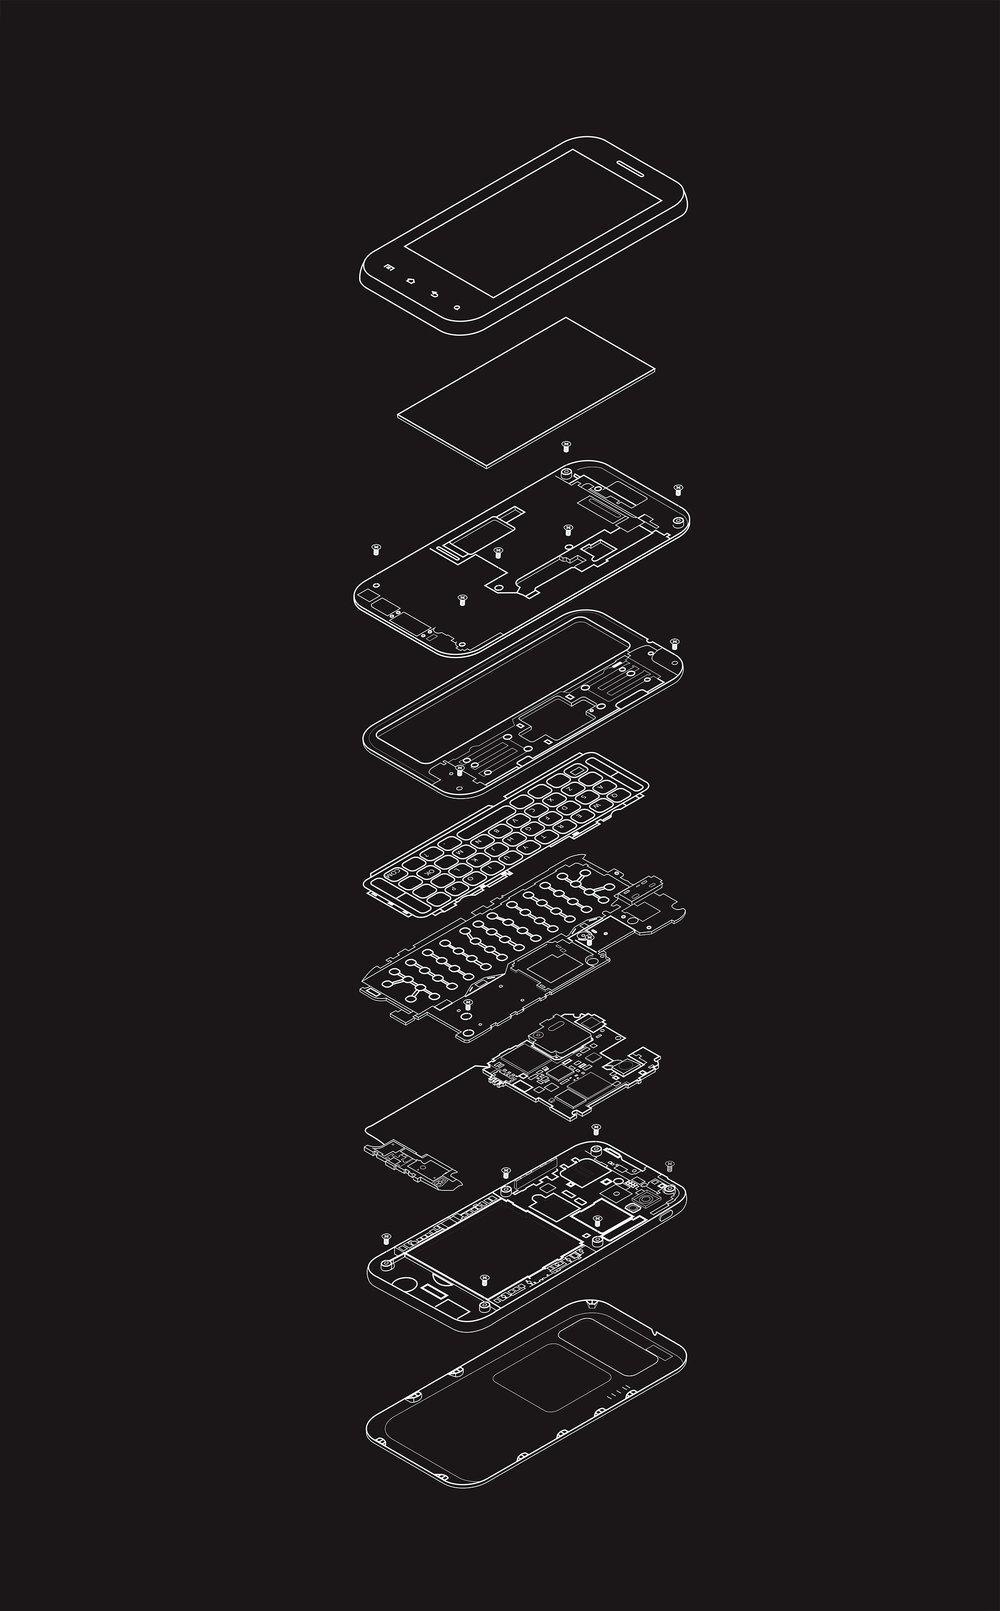 Finalphoneinternetsize.jpg